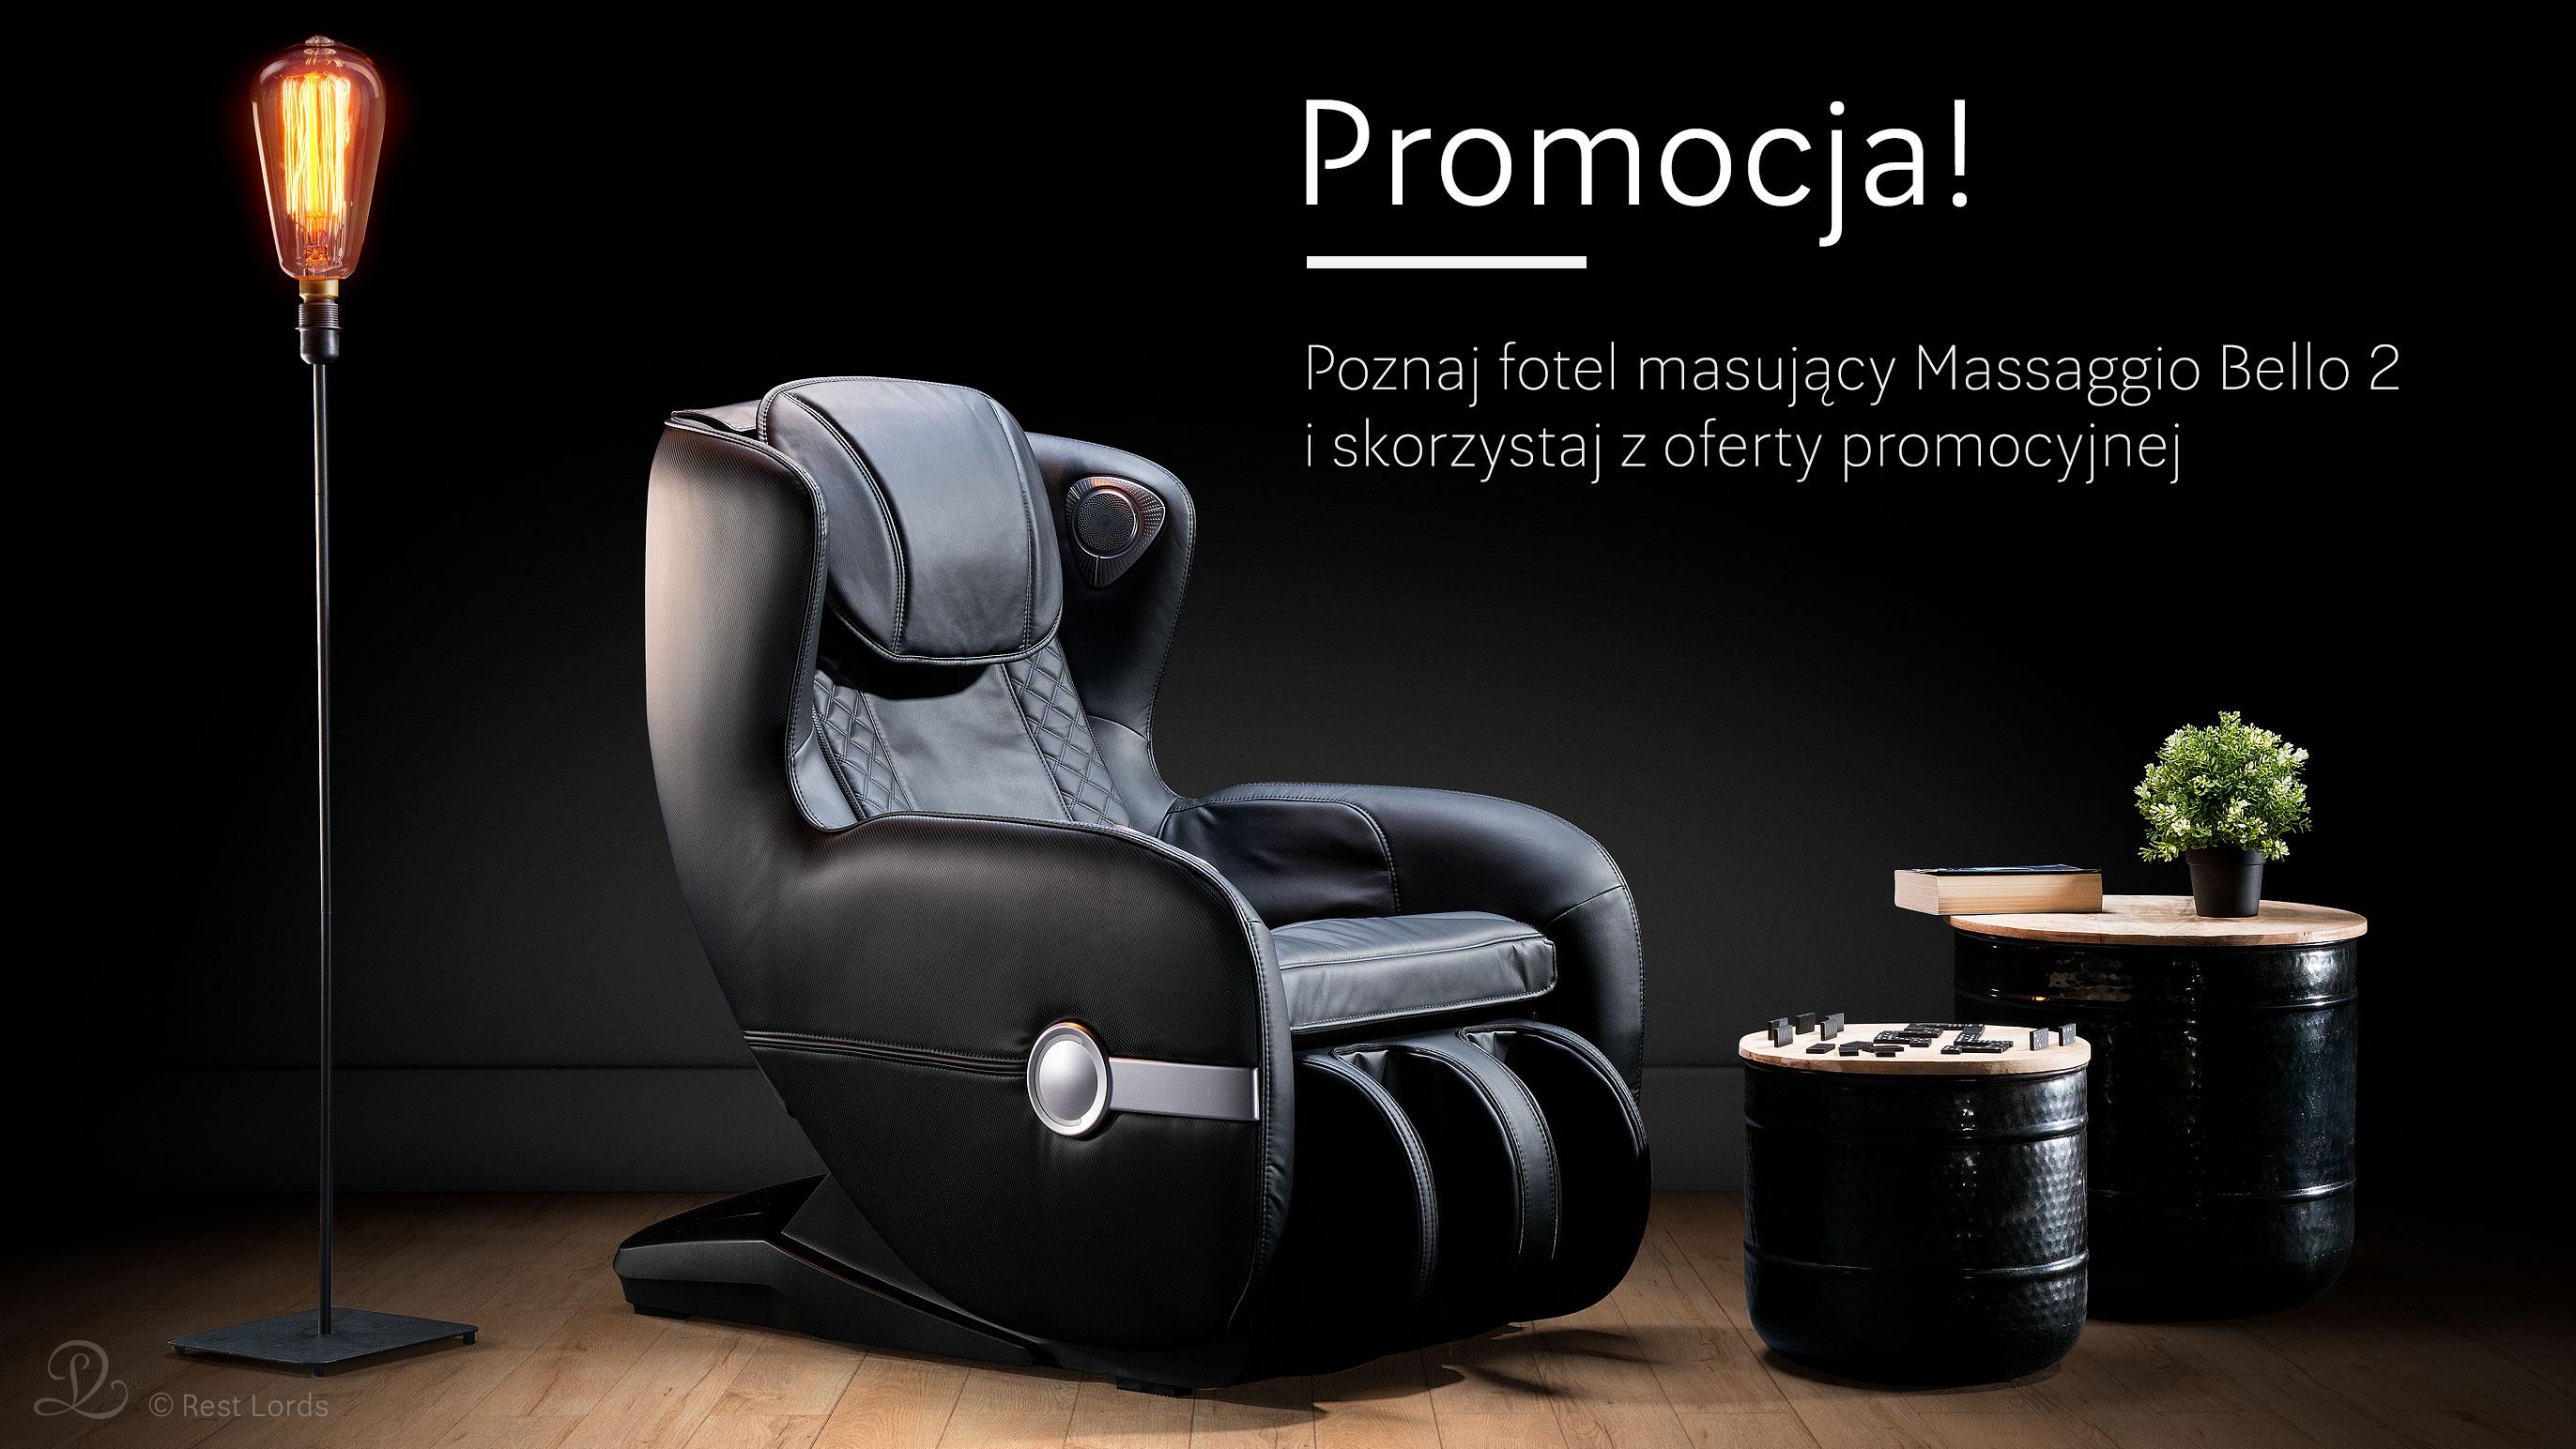 Fotel masujący Massaggio Bello 2 promocja wyprzedaż